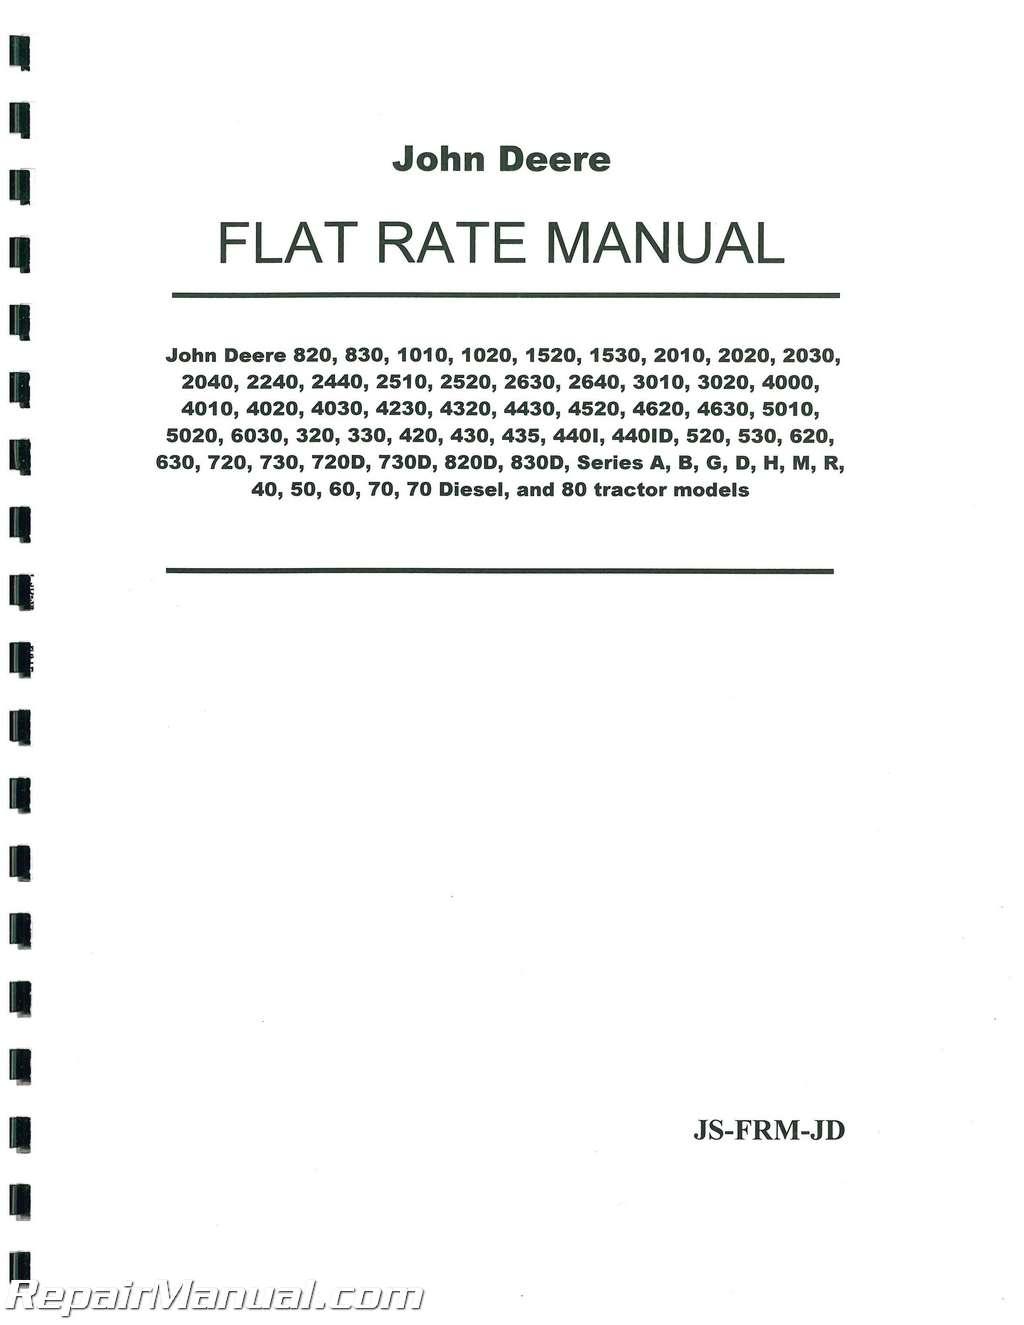 John Deere 820 Ignition Wiring Diagram Books Of 2005 3120 Fuse Box Tractor Flat Rate Manual Rh Repairmanual Com